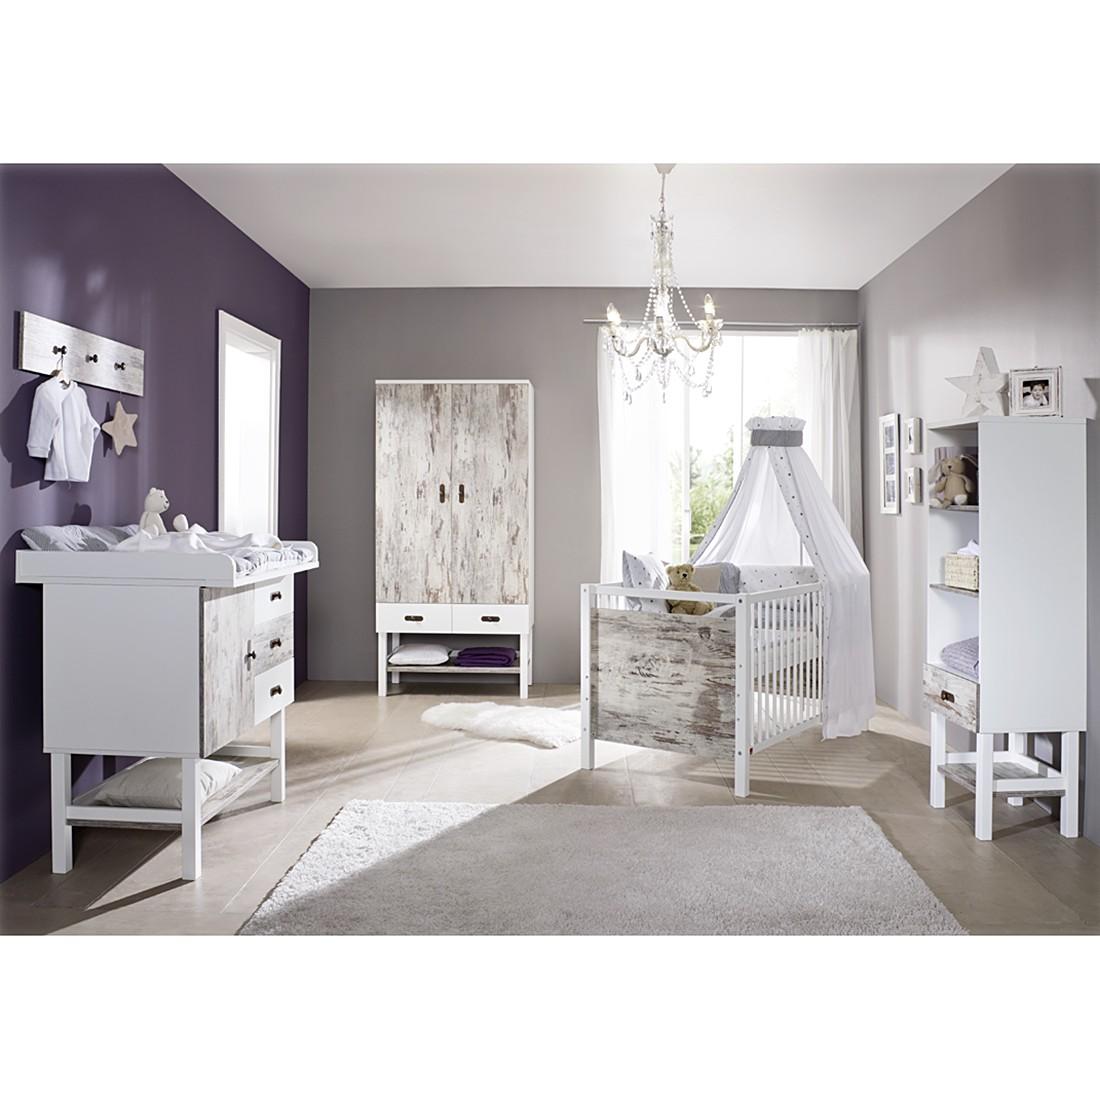 pc schrank peter kompaktes design mit t ren dekor in wei hochglanz alpenblick kaufen. Black Bedroom Furniture Sets. Home Design Ideas